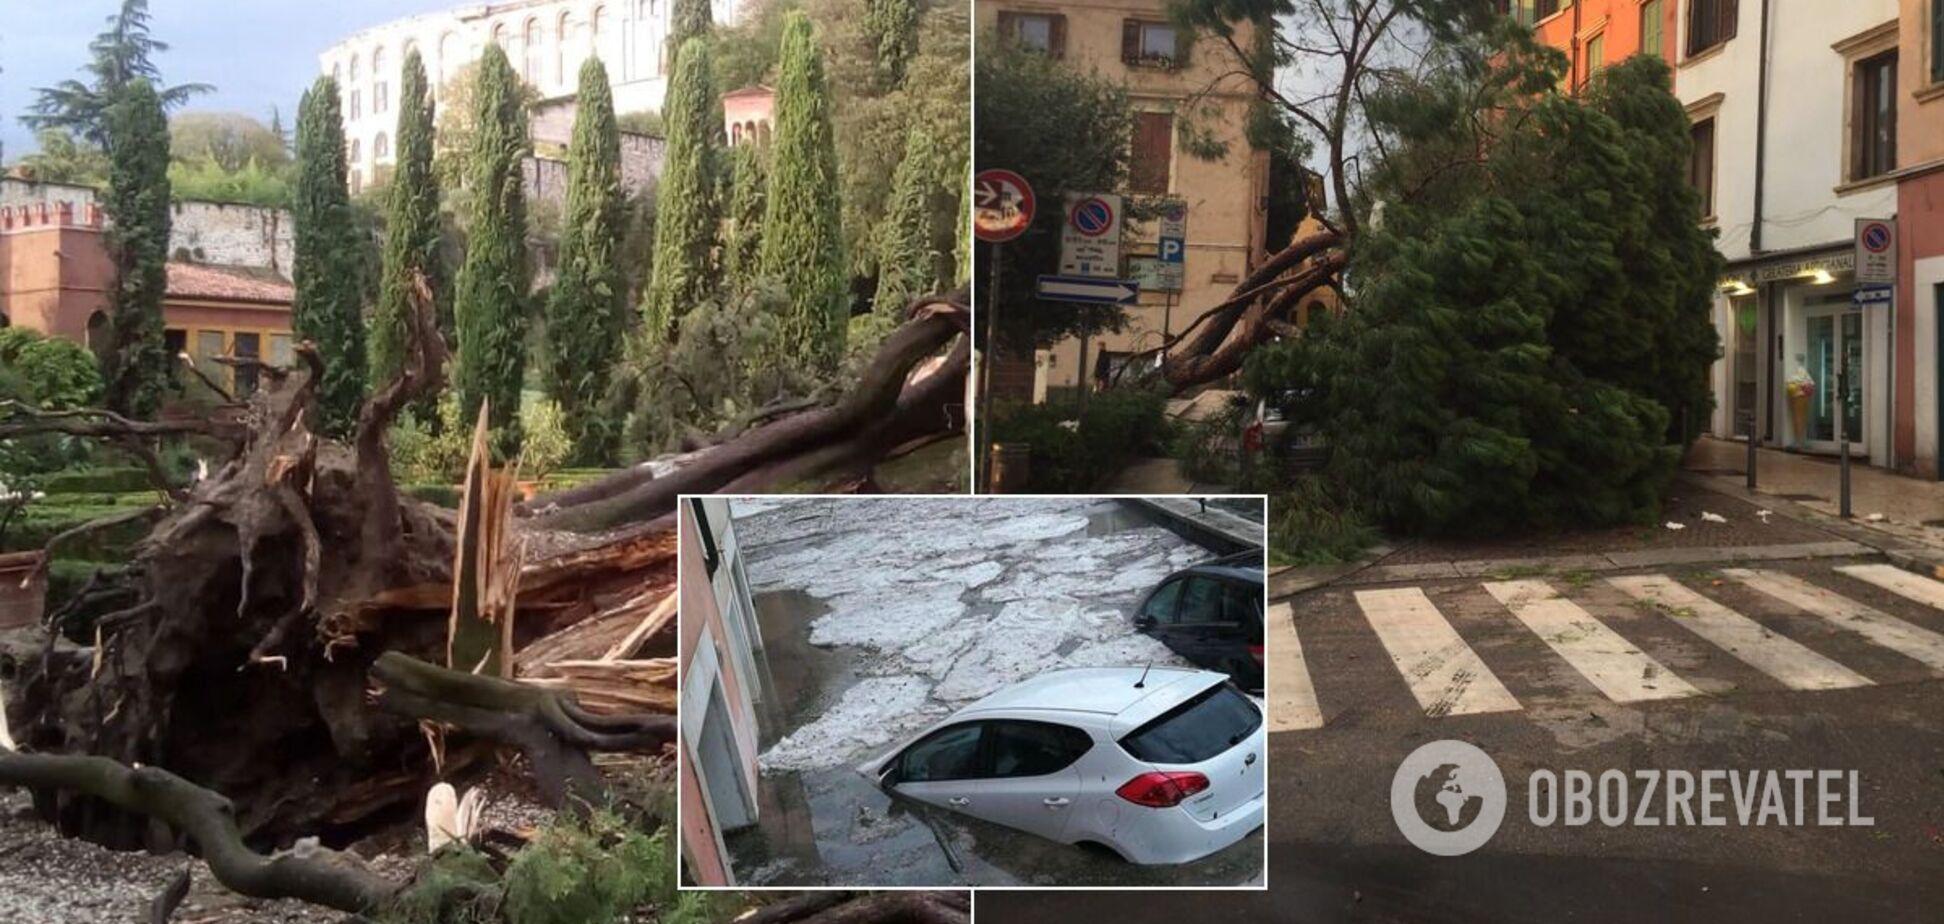 Последствия урагана в Италии